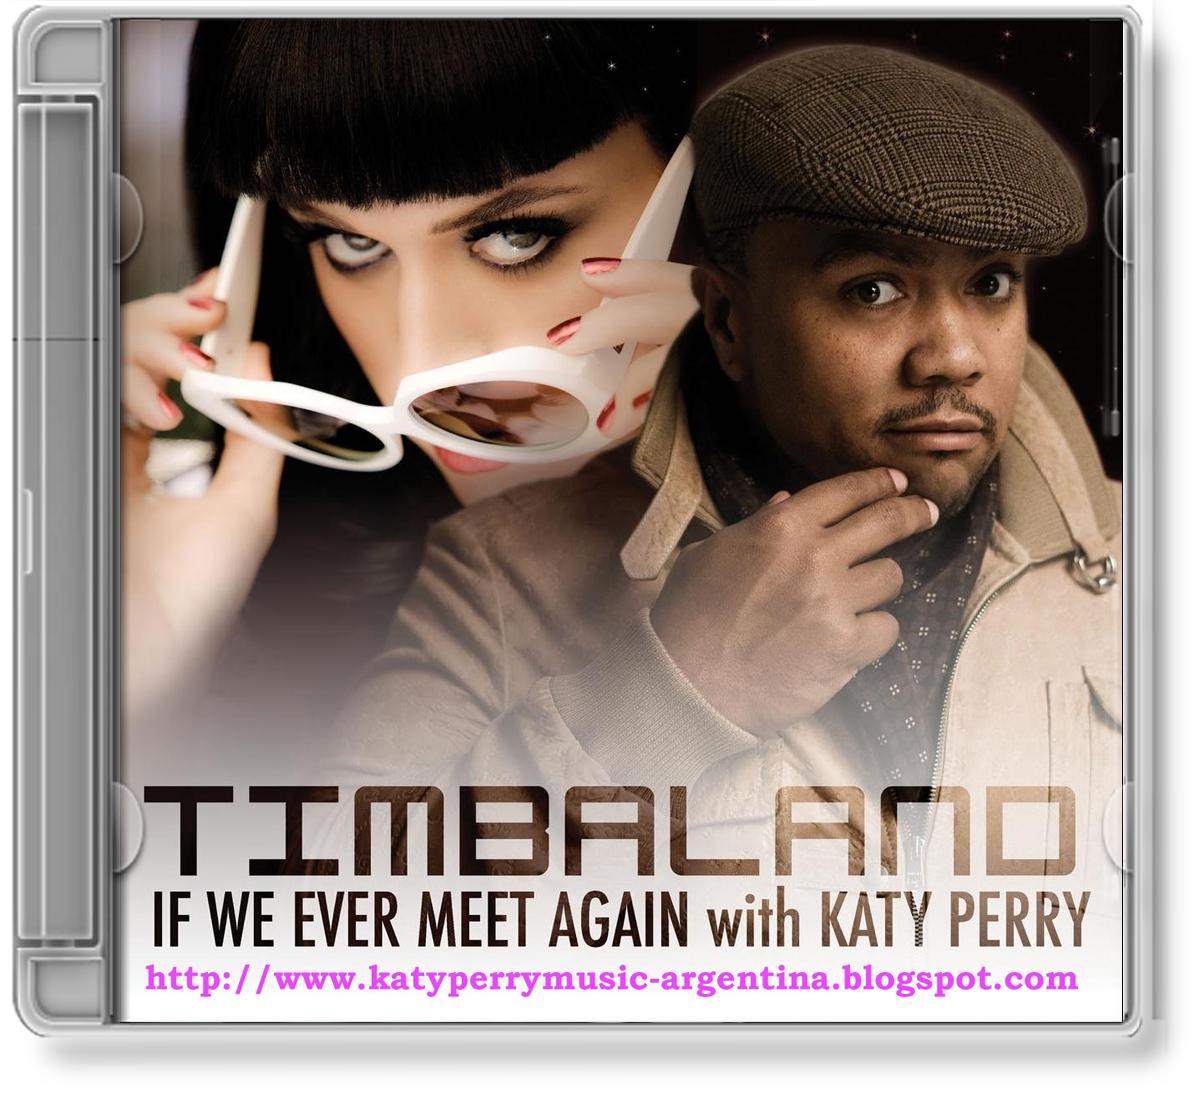 http://1.bp.blogspot.com/_mi1dvg0RzGg/TUTrMgA1znI/AAAAAAAAABU/OmgEkHn6pCY/s1600/Timbaland+Feat.+Katy+Perry+-+If+We+Ever+Meet+Again+%2528CDM%2529+%255B2010%255D+%255BMP3%255D.jpg